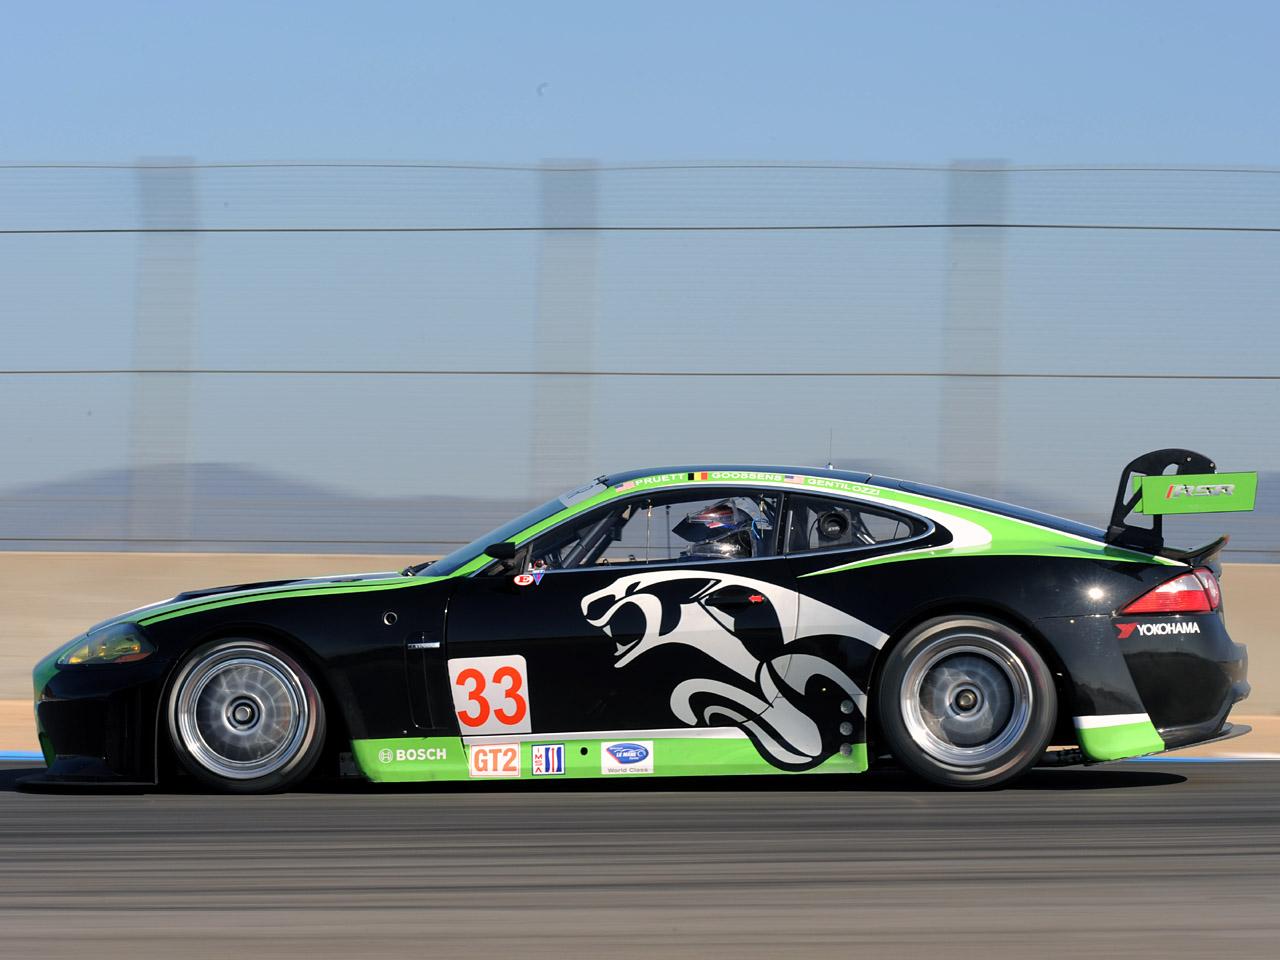 2009 Jaguar XKR GT2